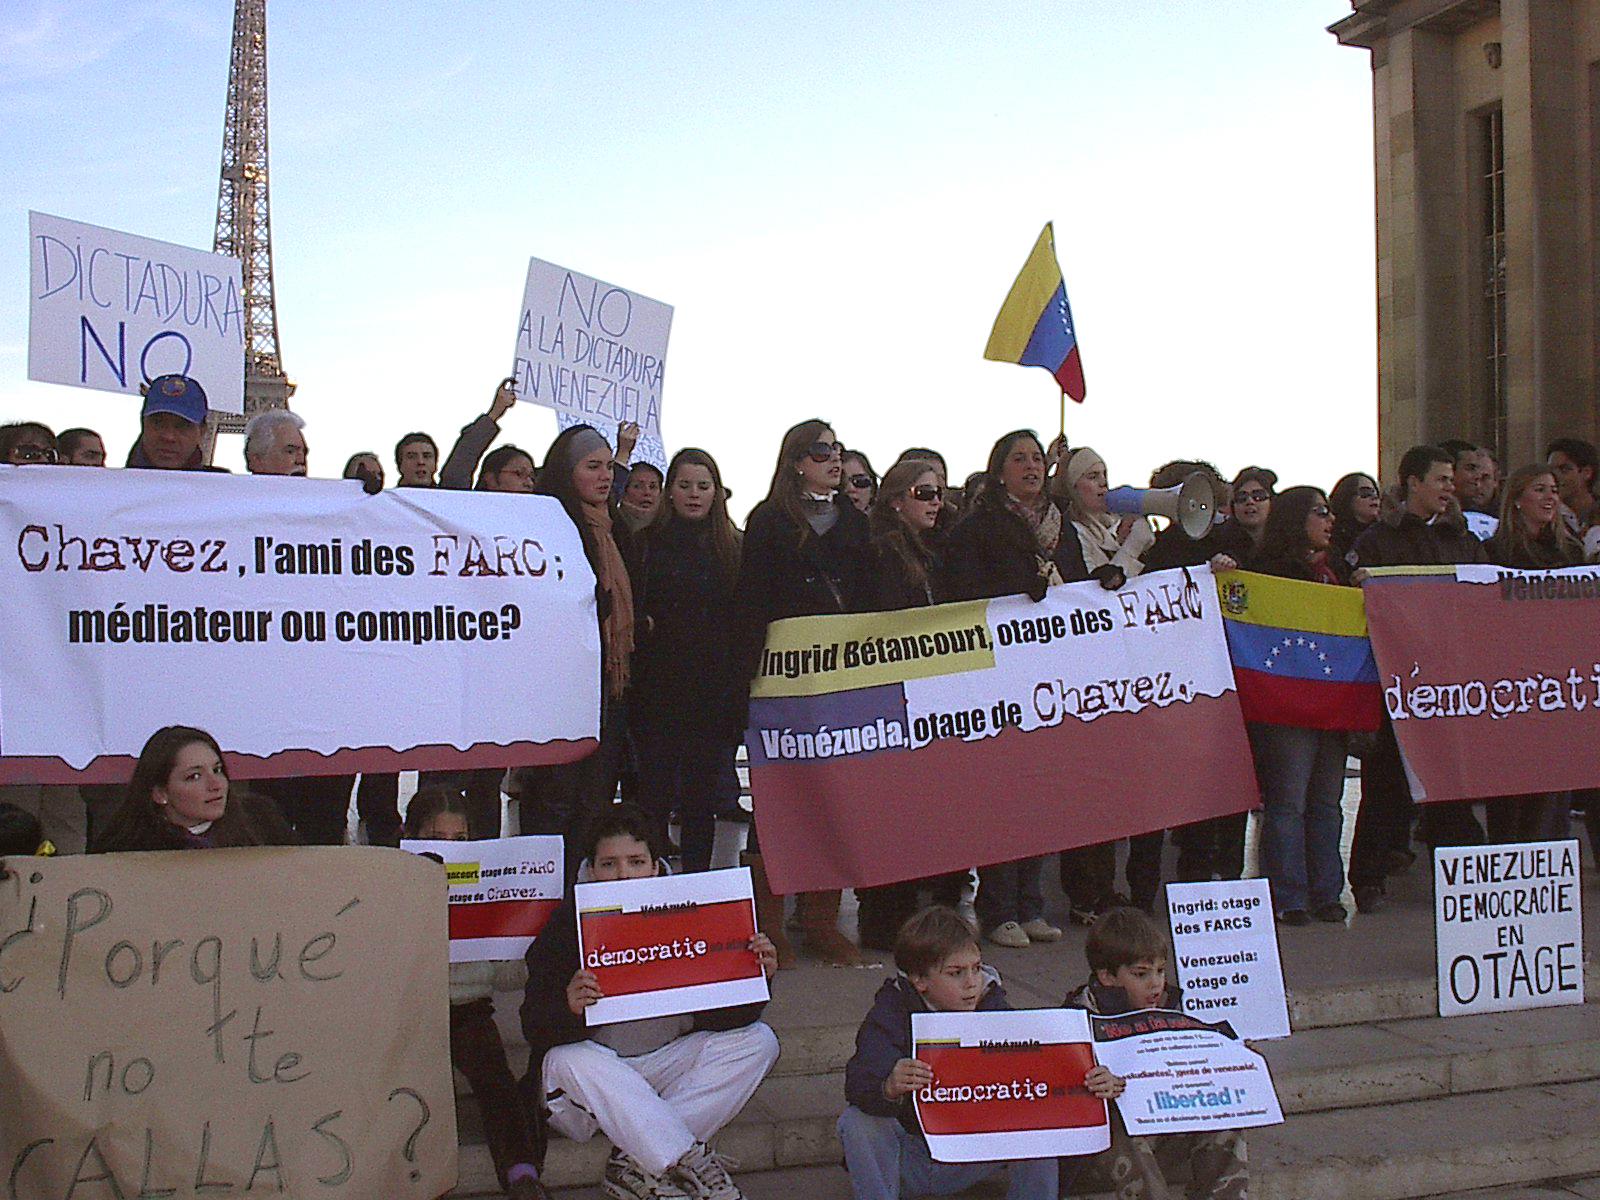 Venezuelans against Chavez - Protest on France